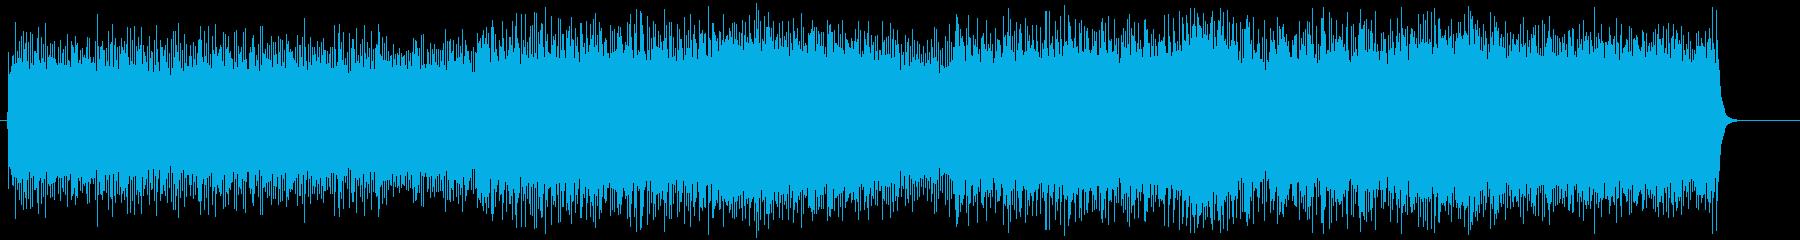 ヘヴィーでダークサイドなメタルサウンドの再生済みの波形